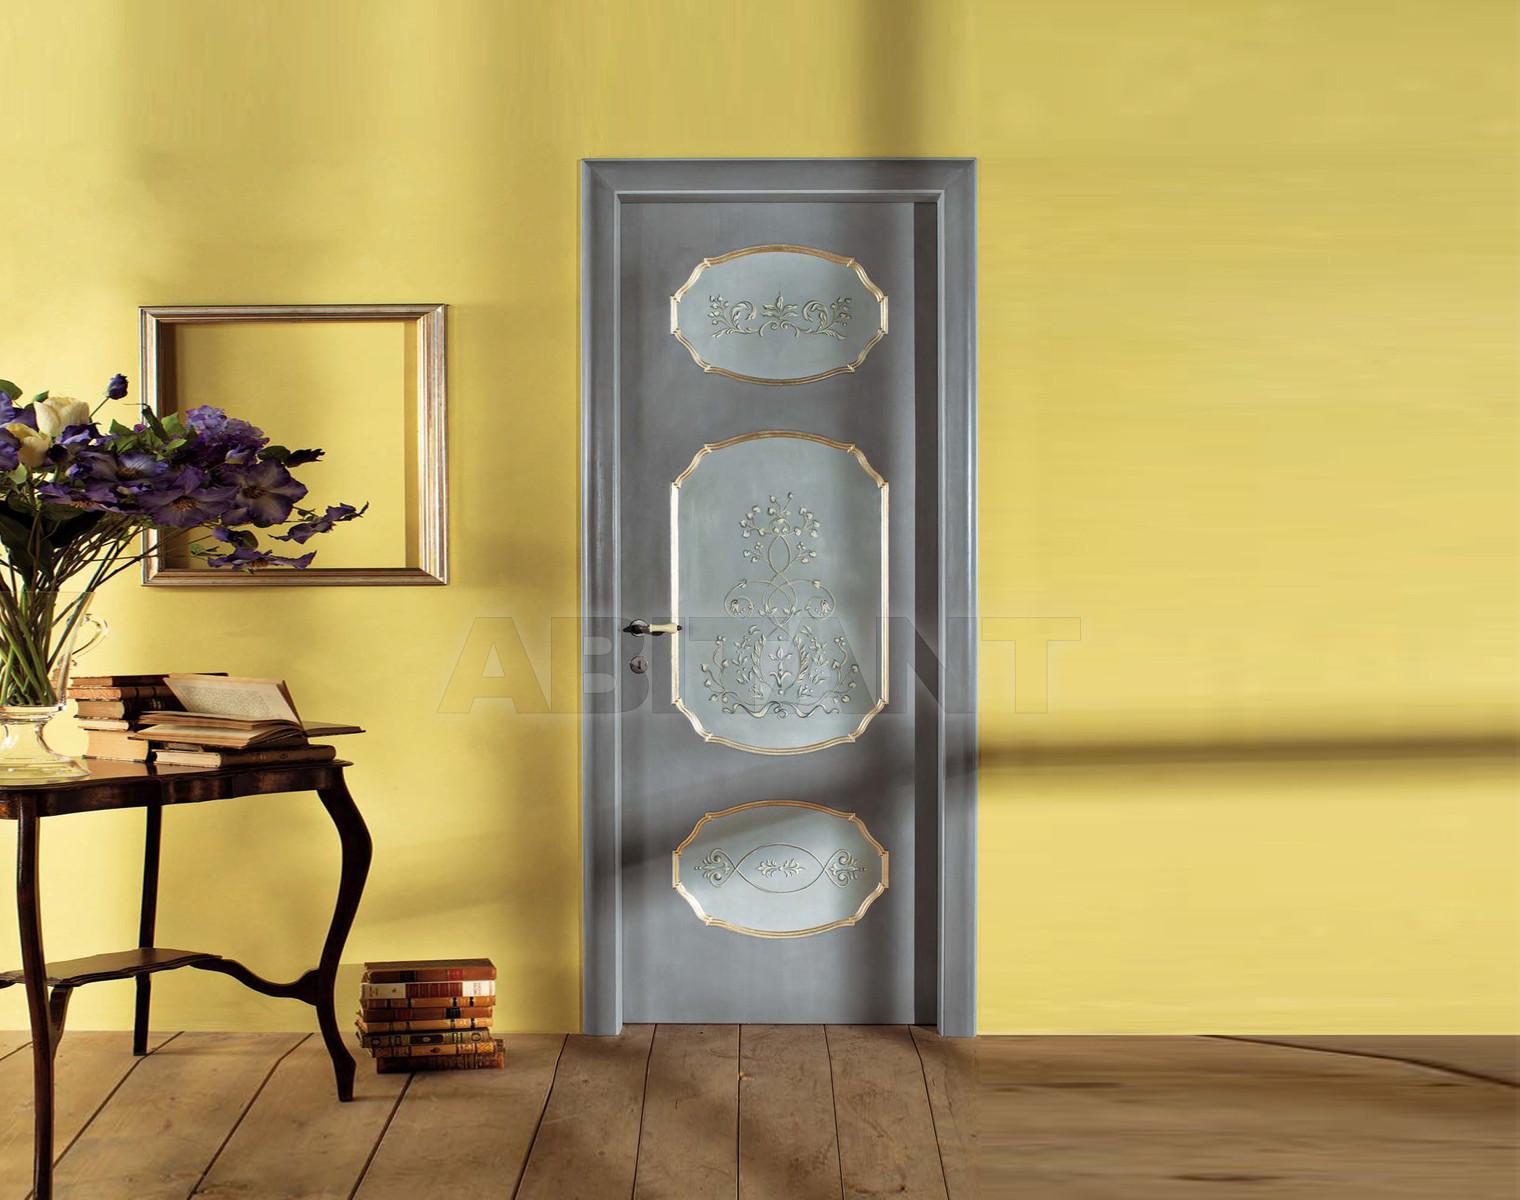 Купить Дверь деревянная Tiferno Mobili Dinasie IRIS I1COP11 pag. = 21